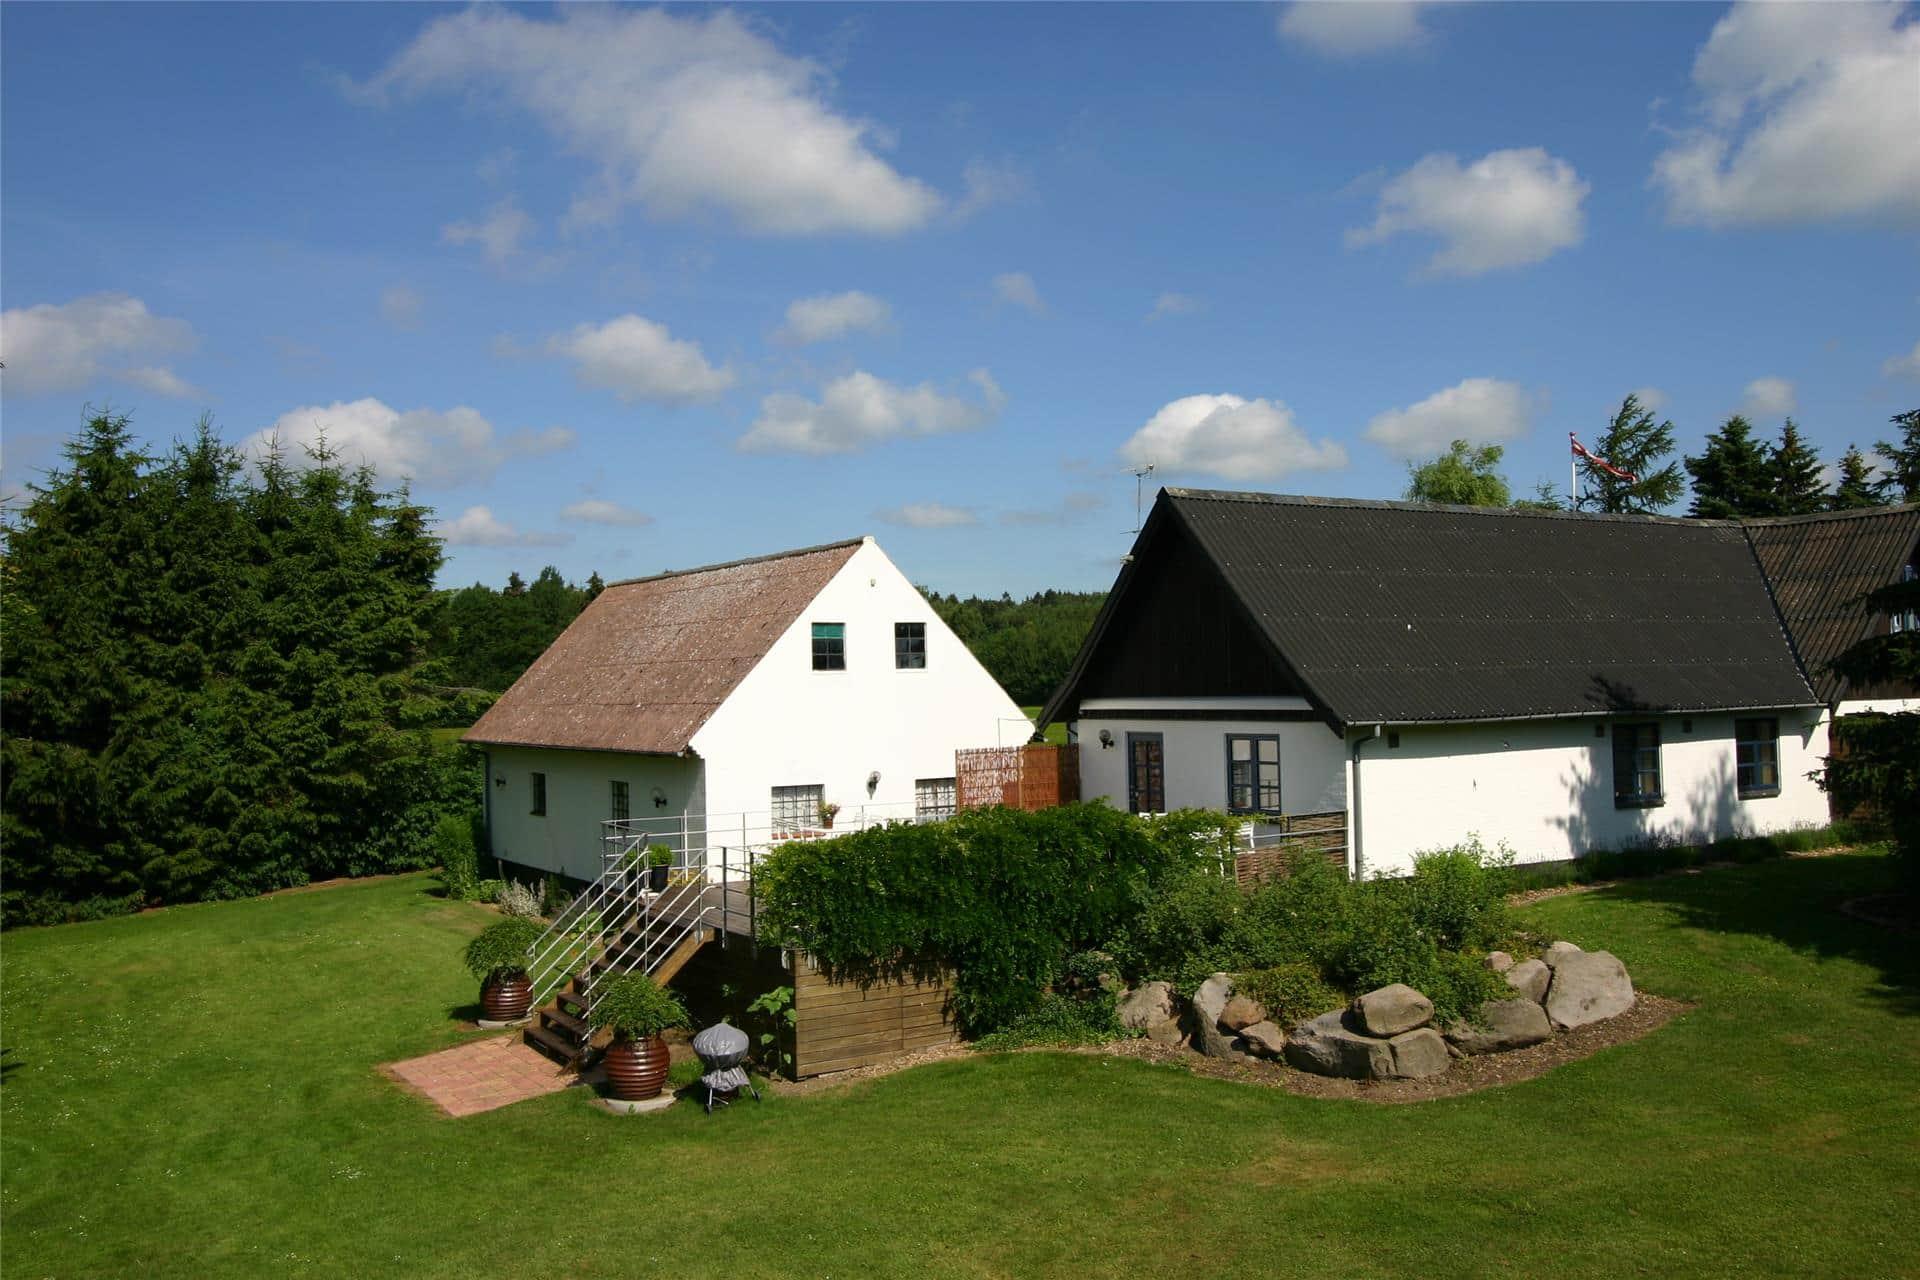 Billede 1-10 Sommerhus 4761, Højlyngsvejen 12, DK - 3720 Aakirkeby